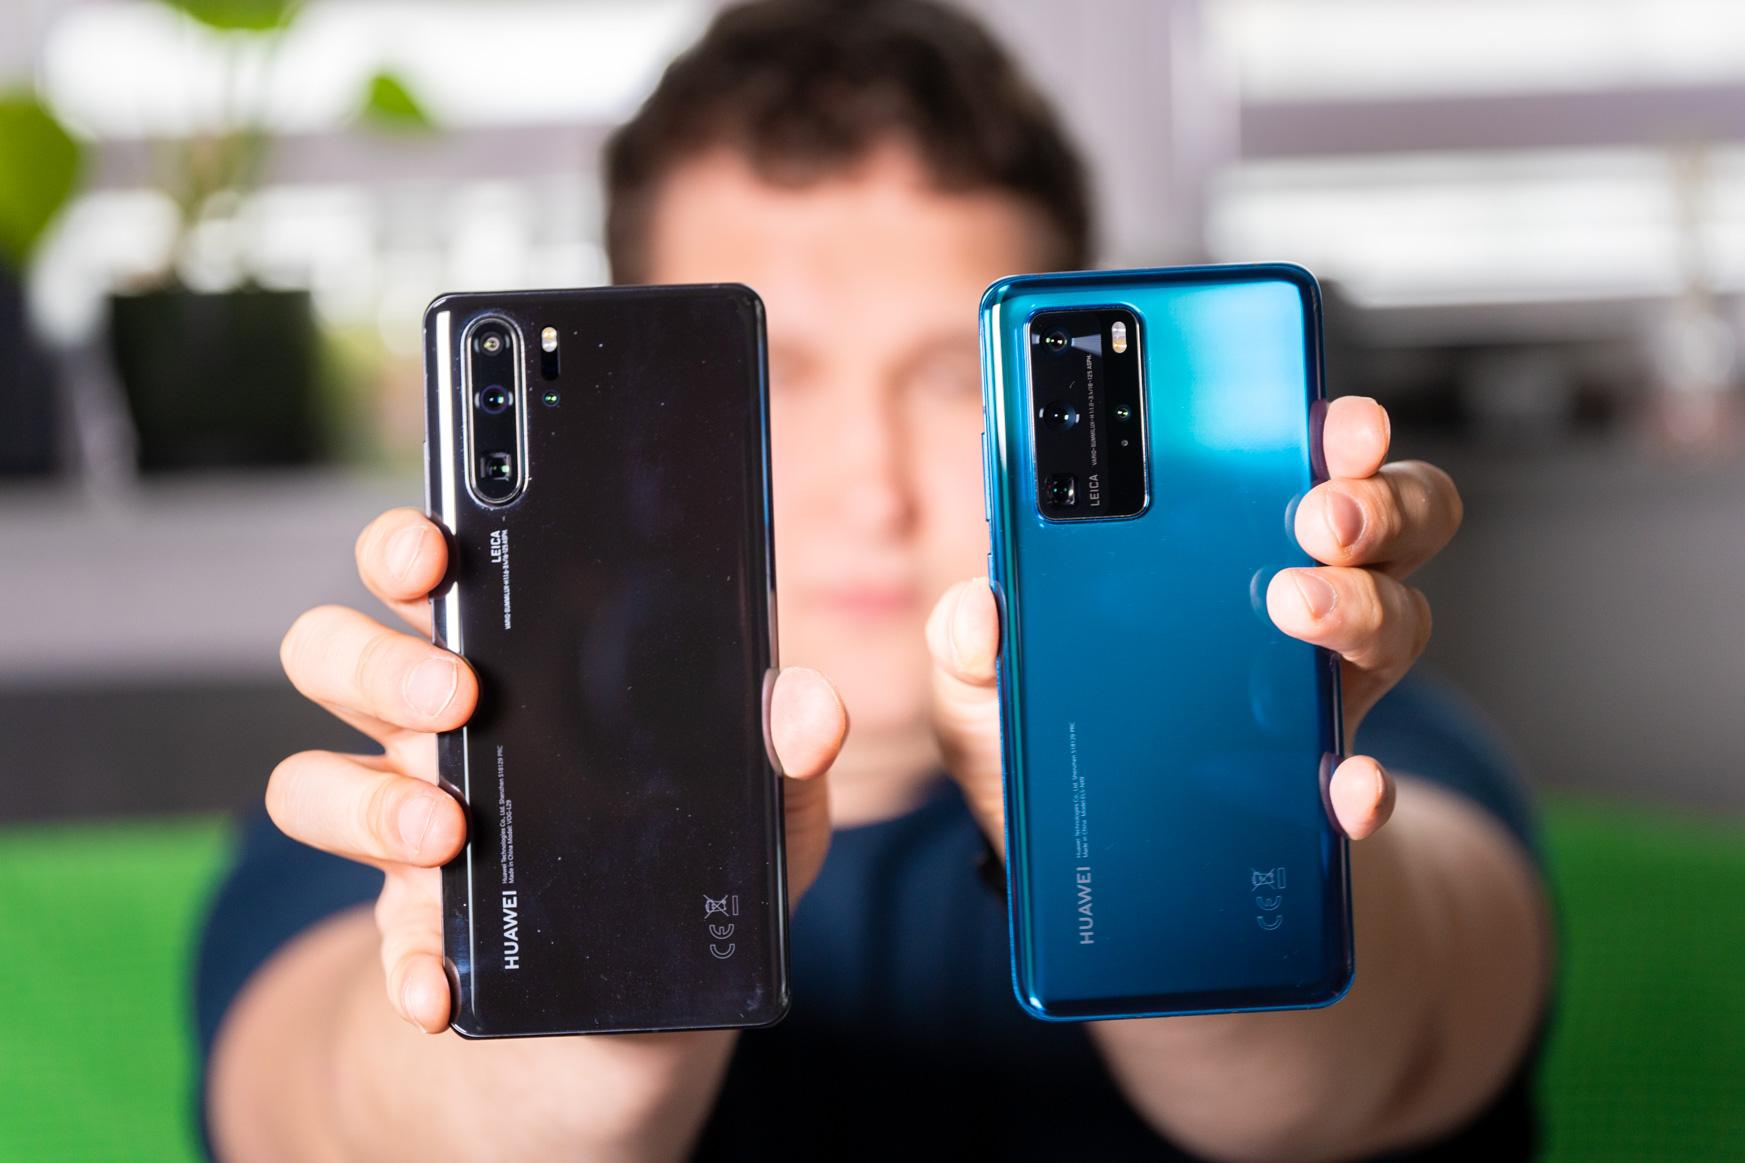 Smartphone arrakastatsua da, oso garbi aurre egin ondoren.  Huawei P40 Pro - lehen inpresioak